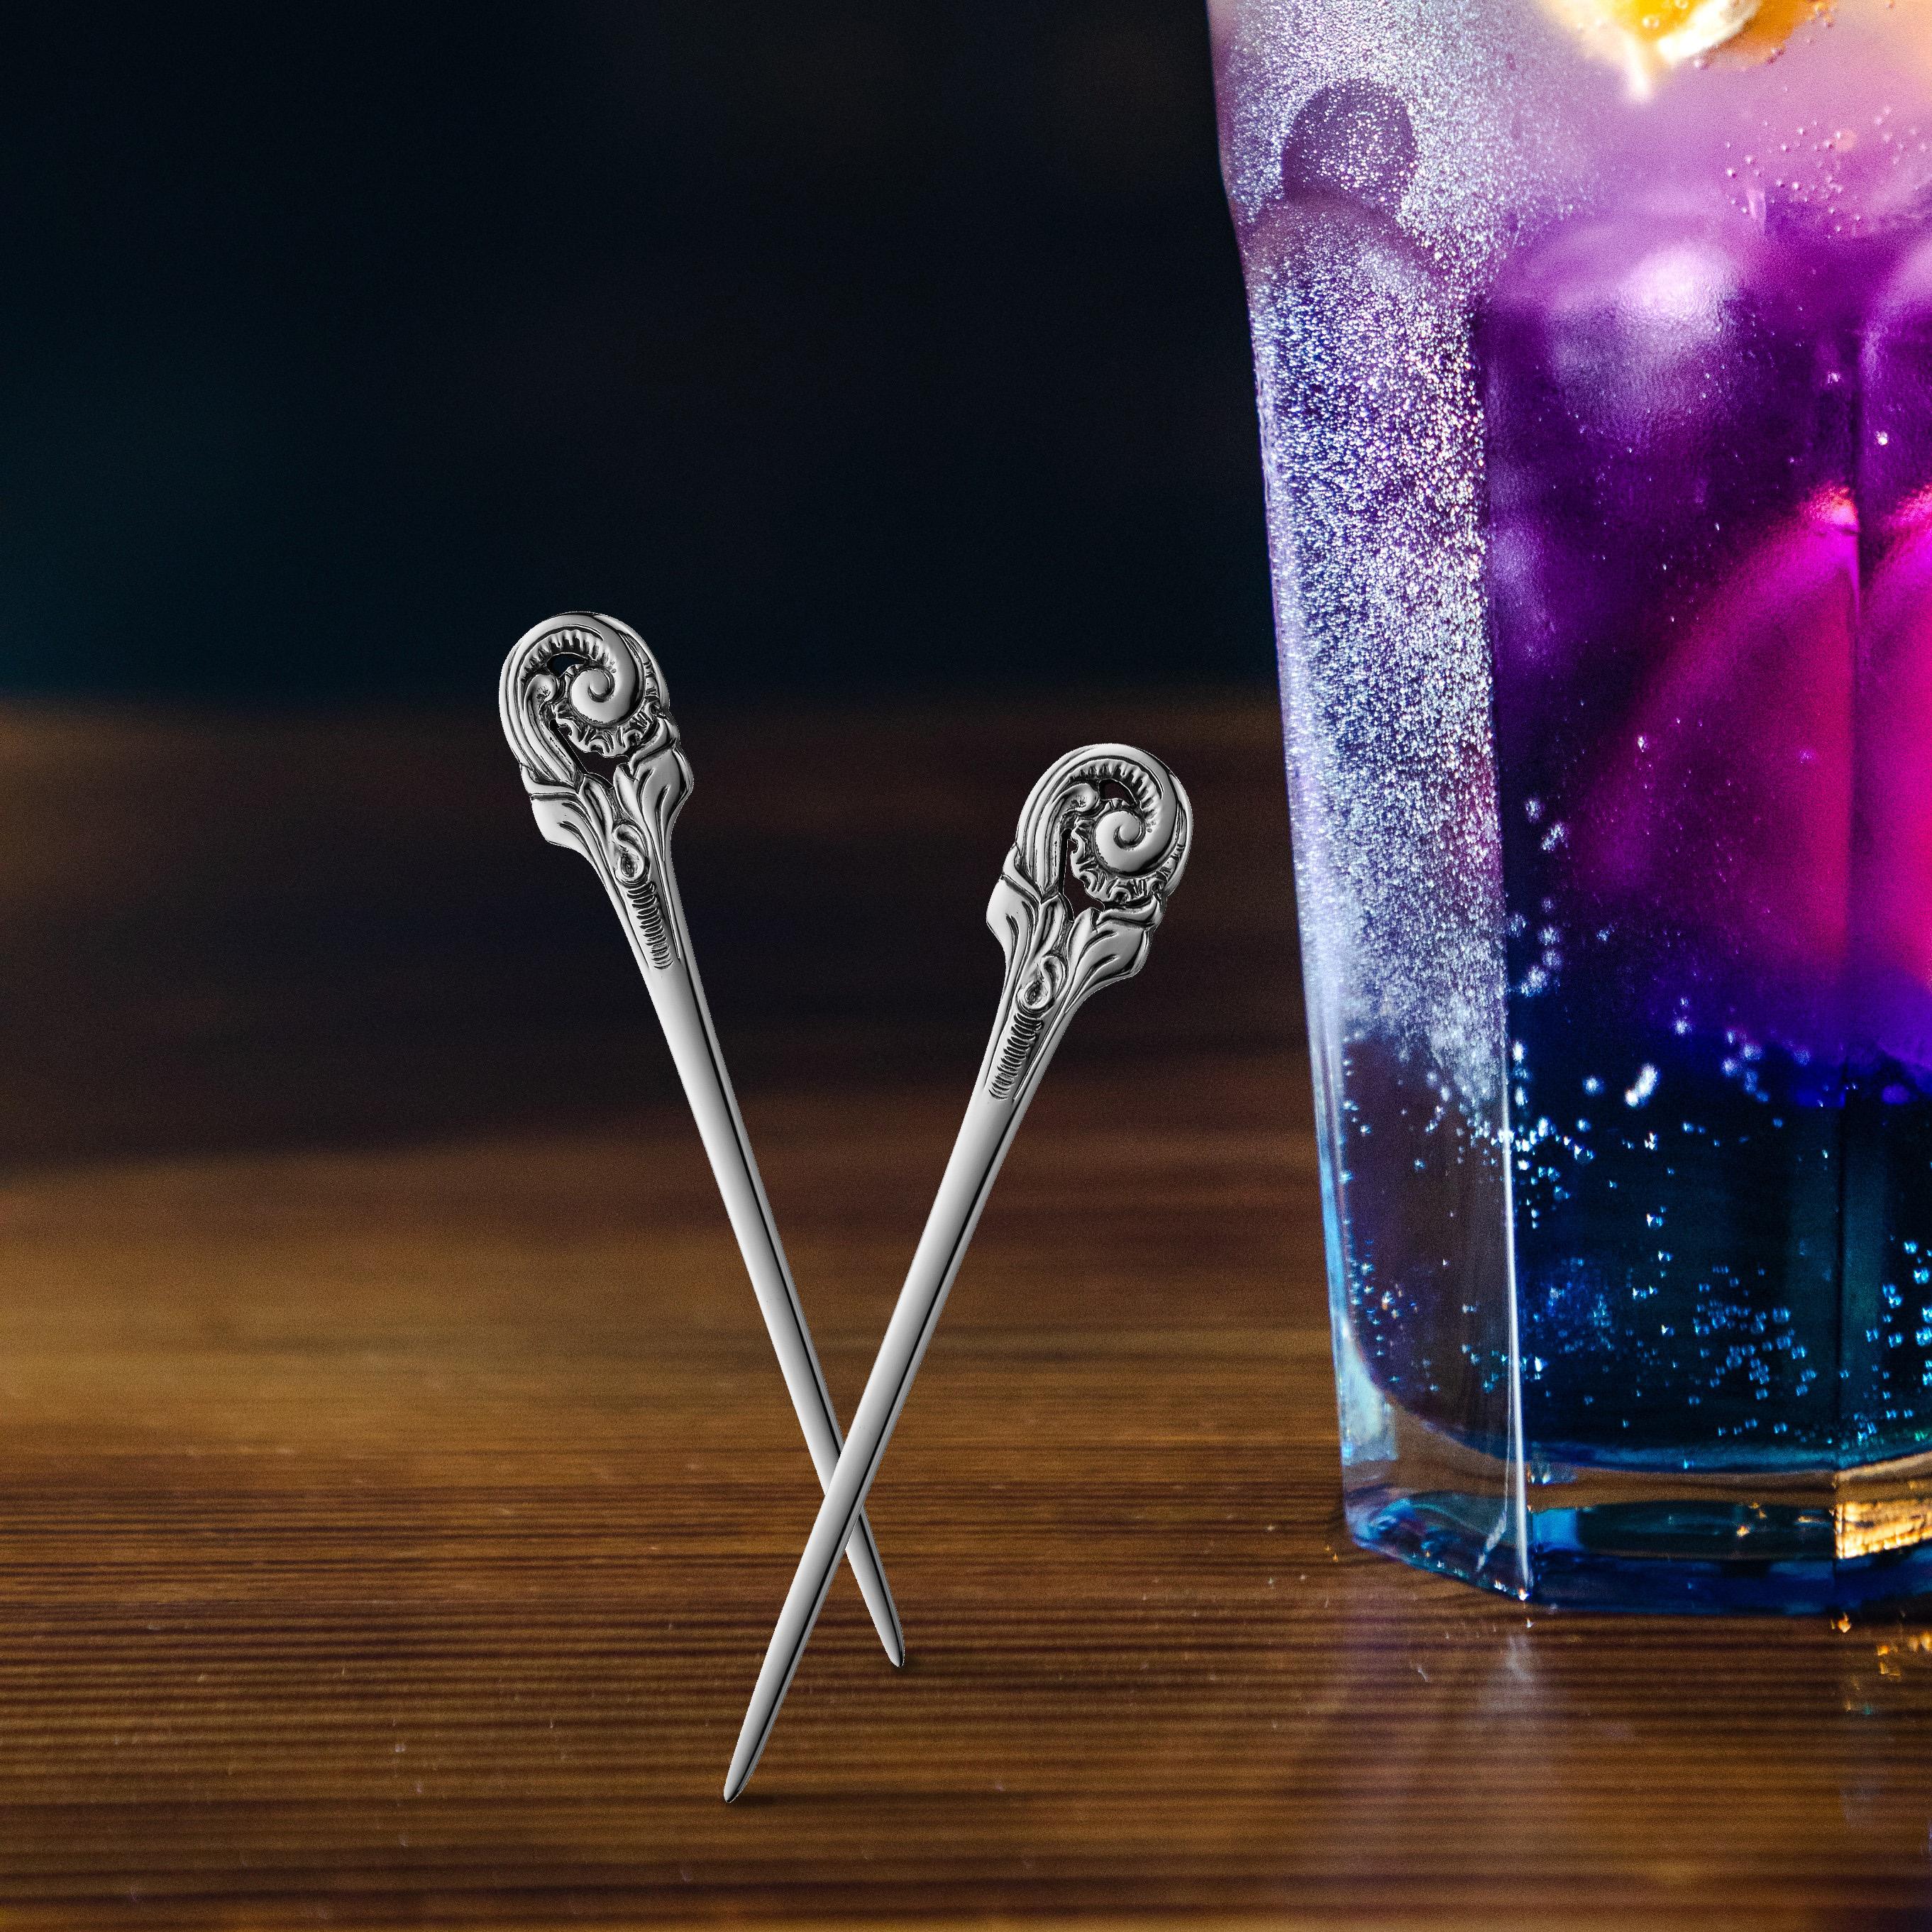 Telesølv par cocktail spyd